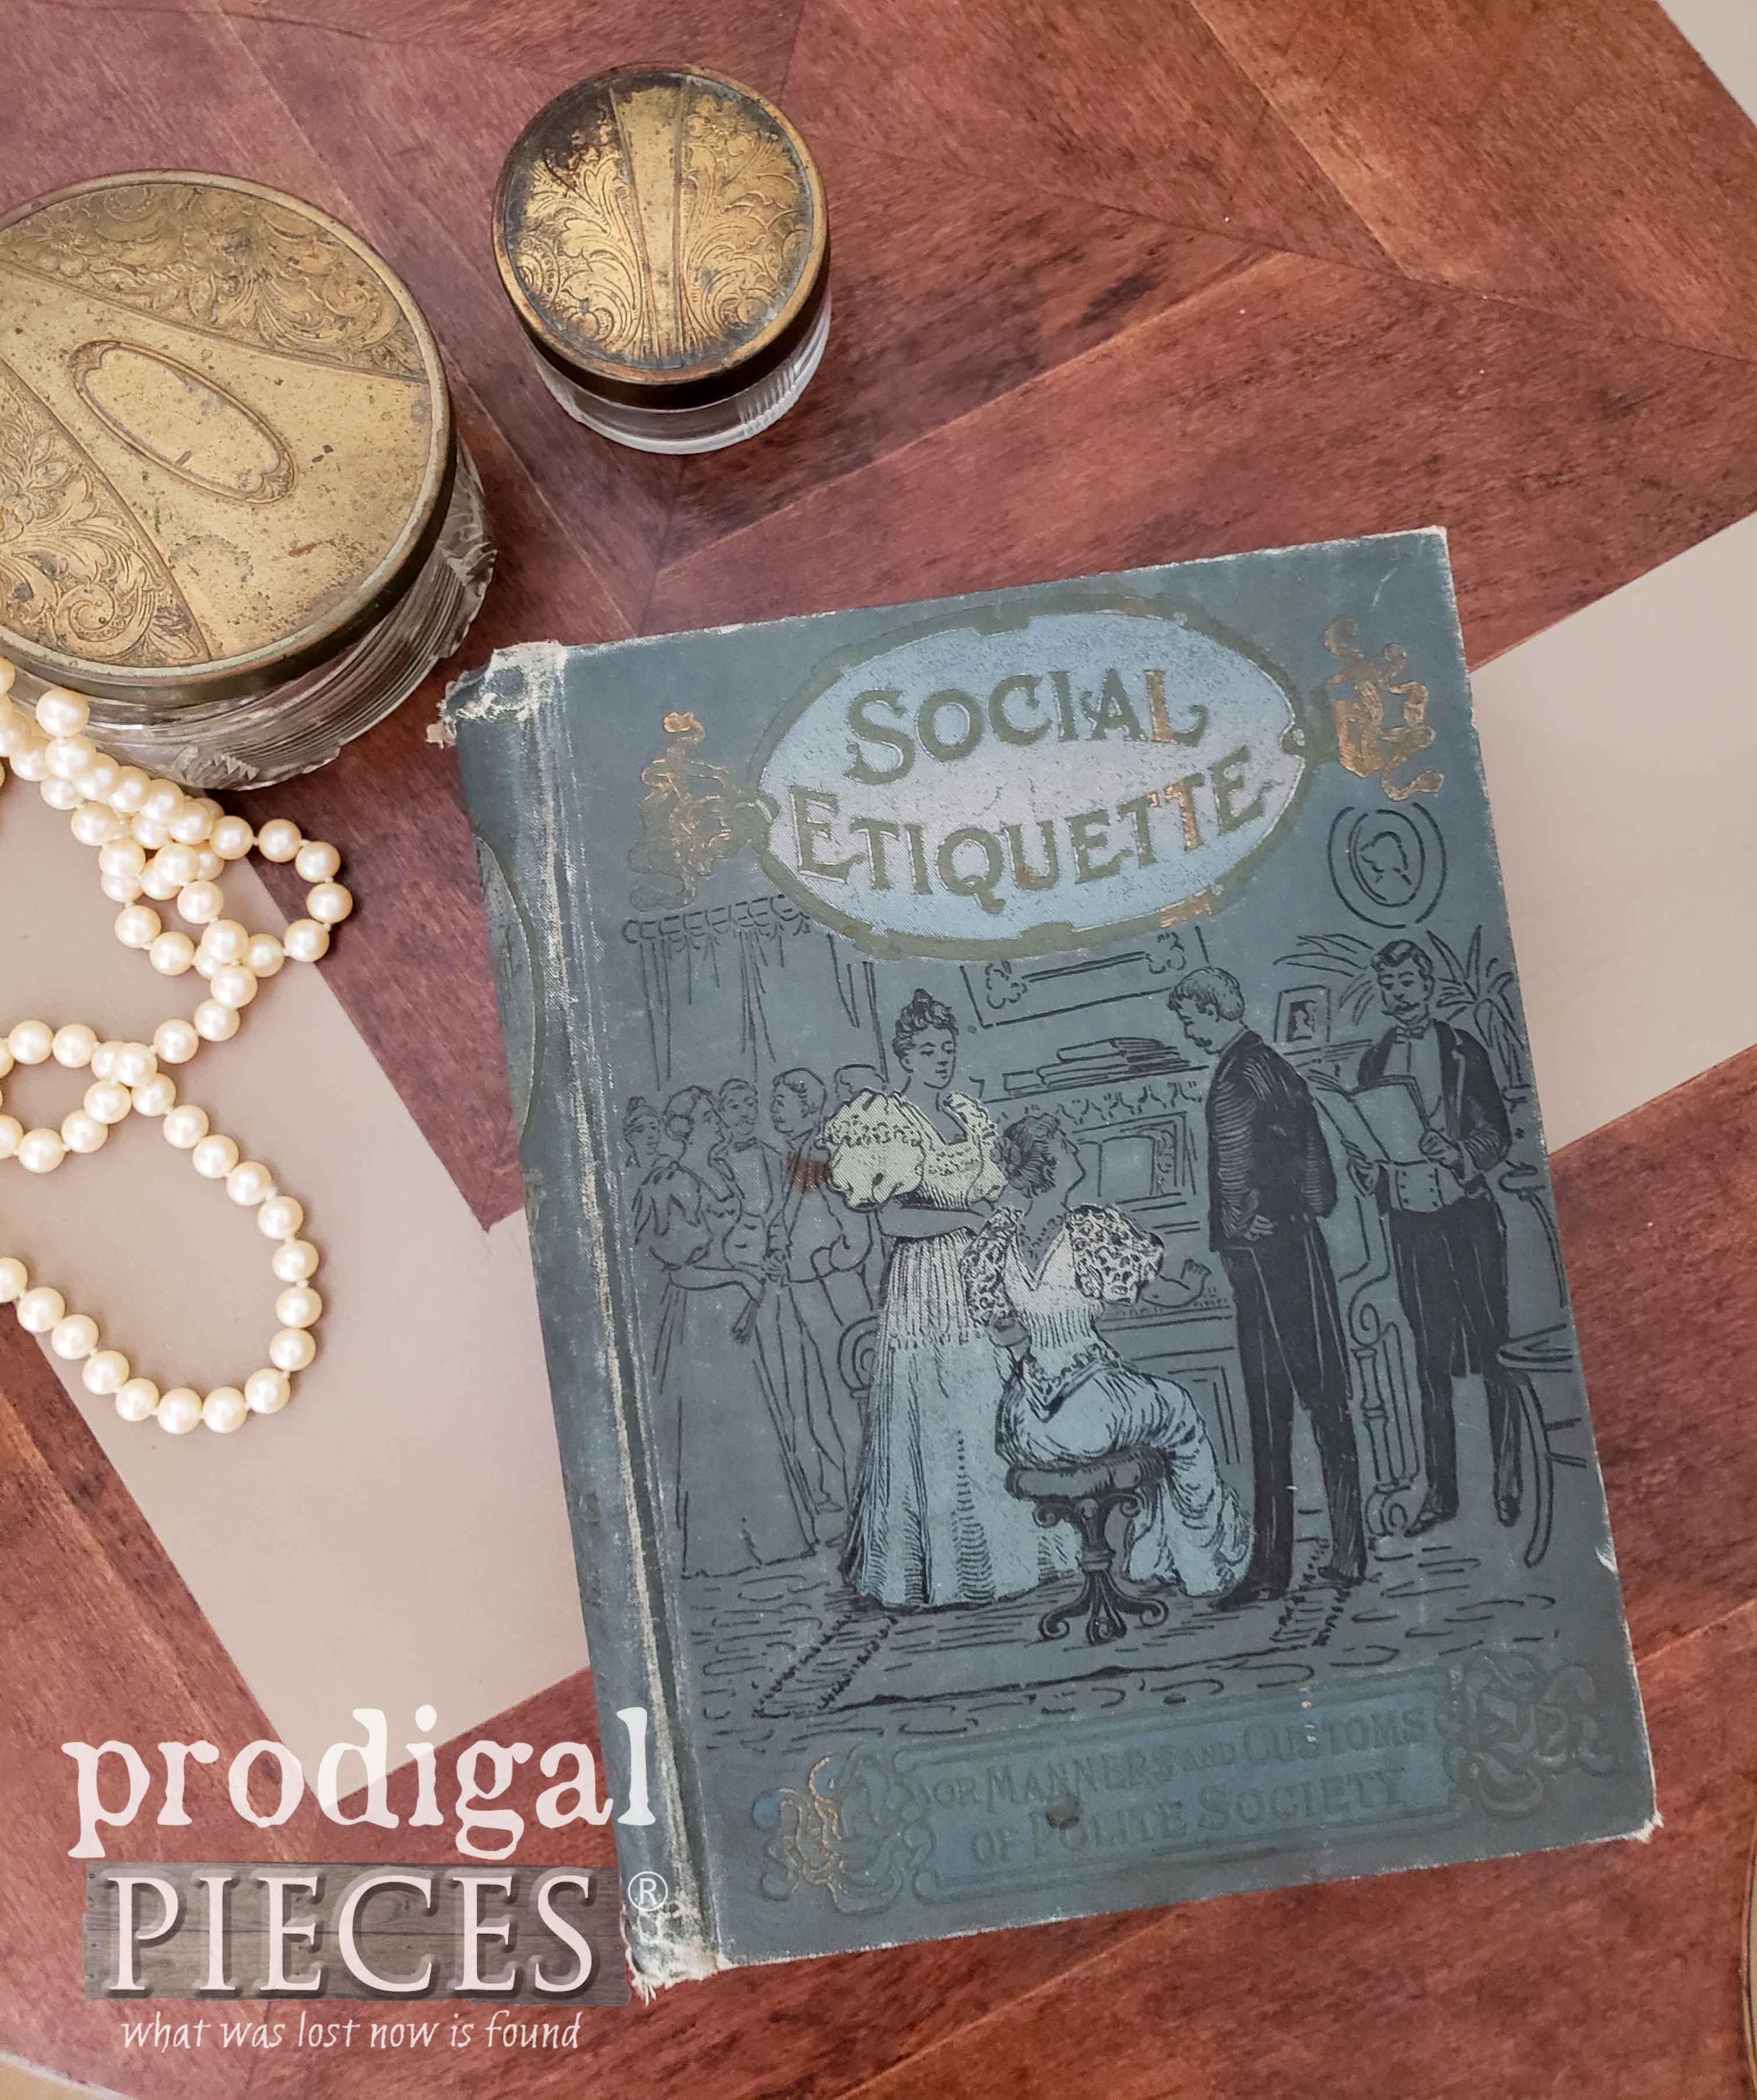 Antique Social Etiquette Book | prodigalpieces.com